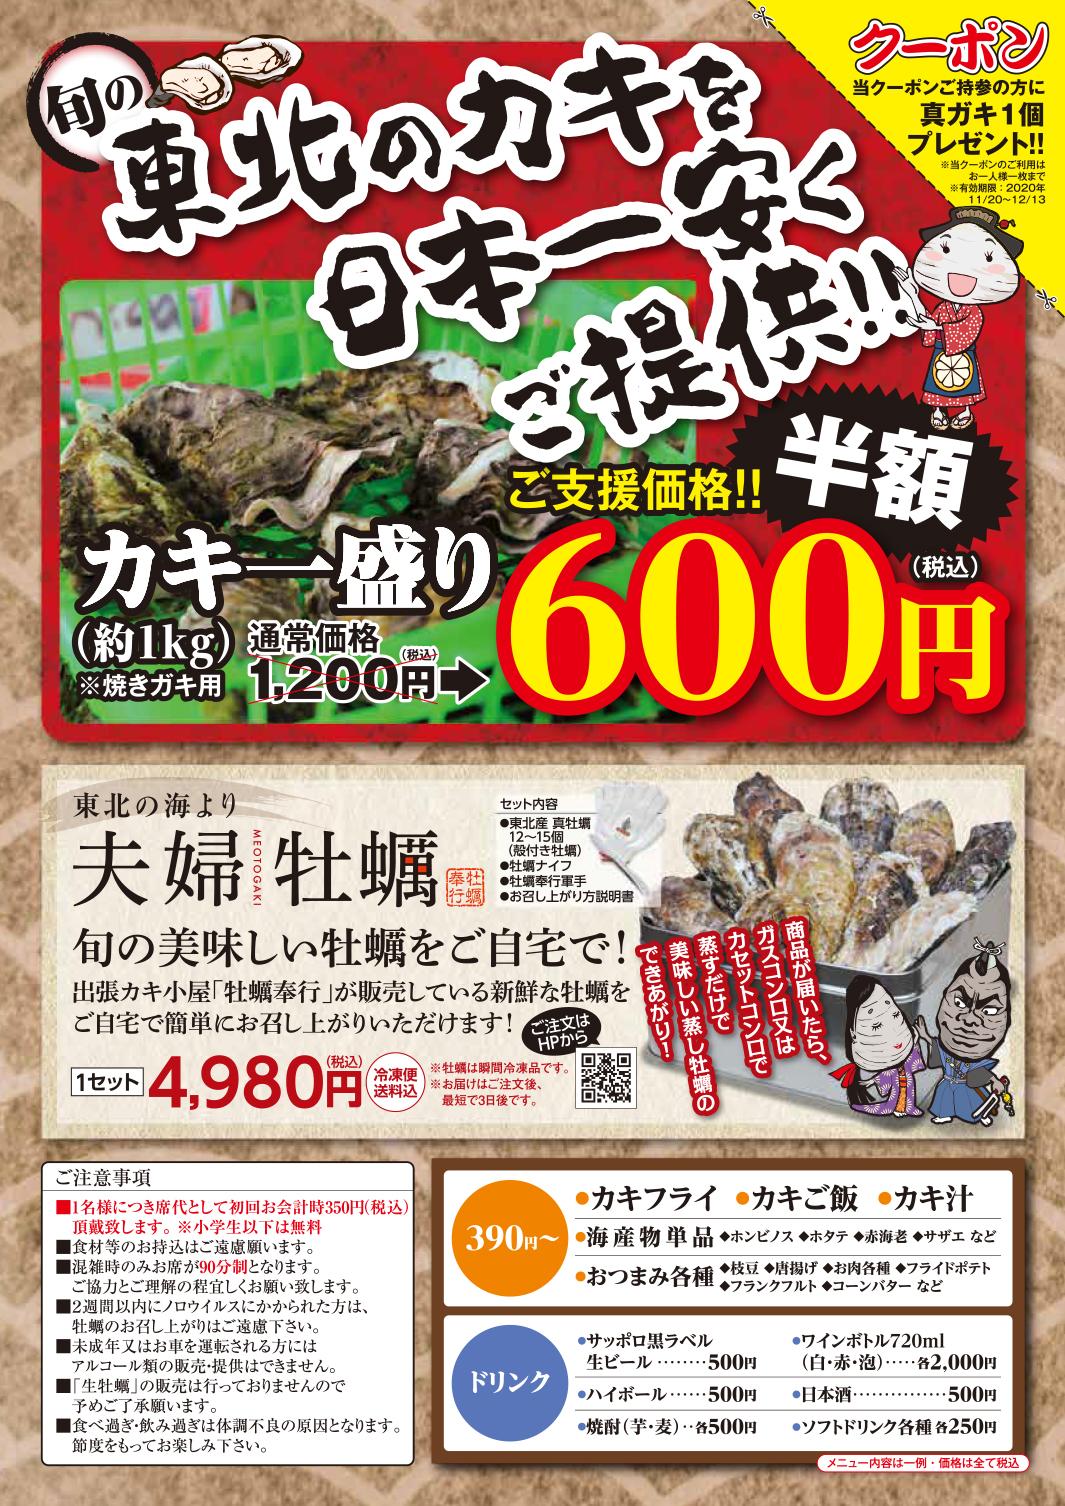 出張カキ小屋「牡蠣奉行」 in 三春屋南口 チラシ裏面